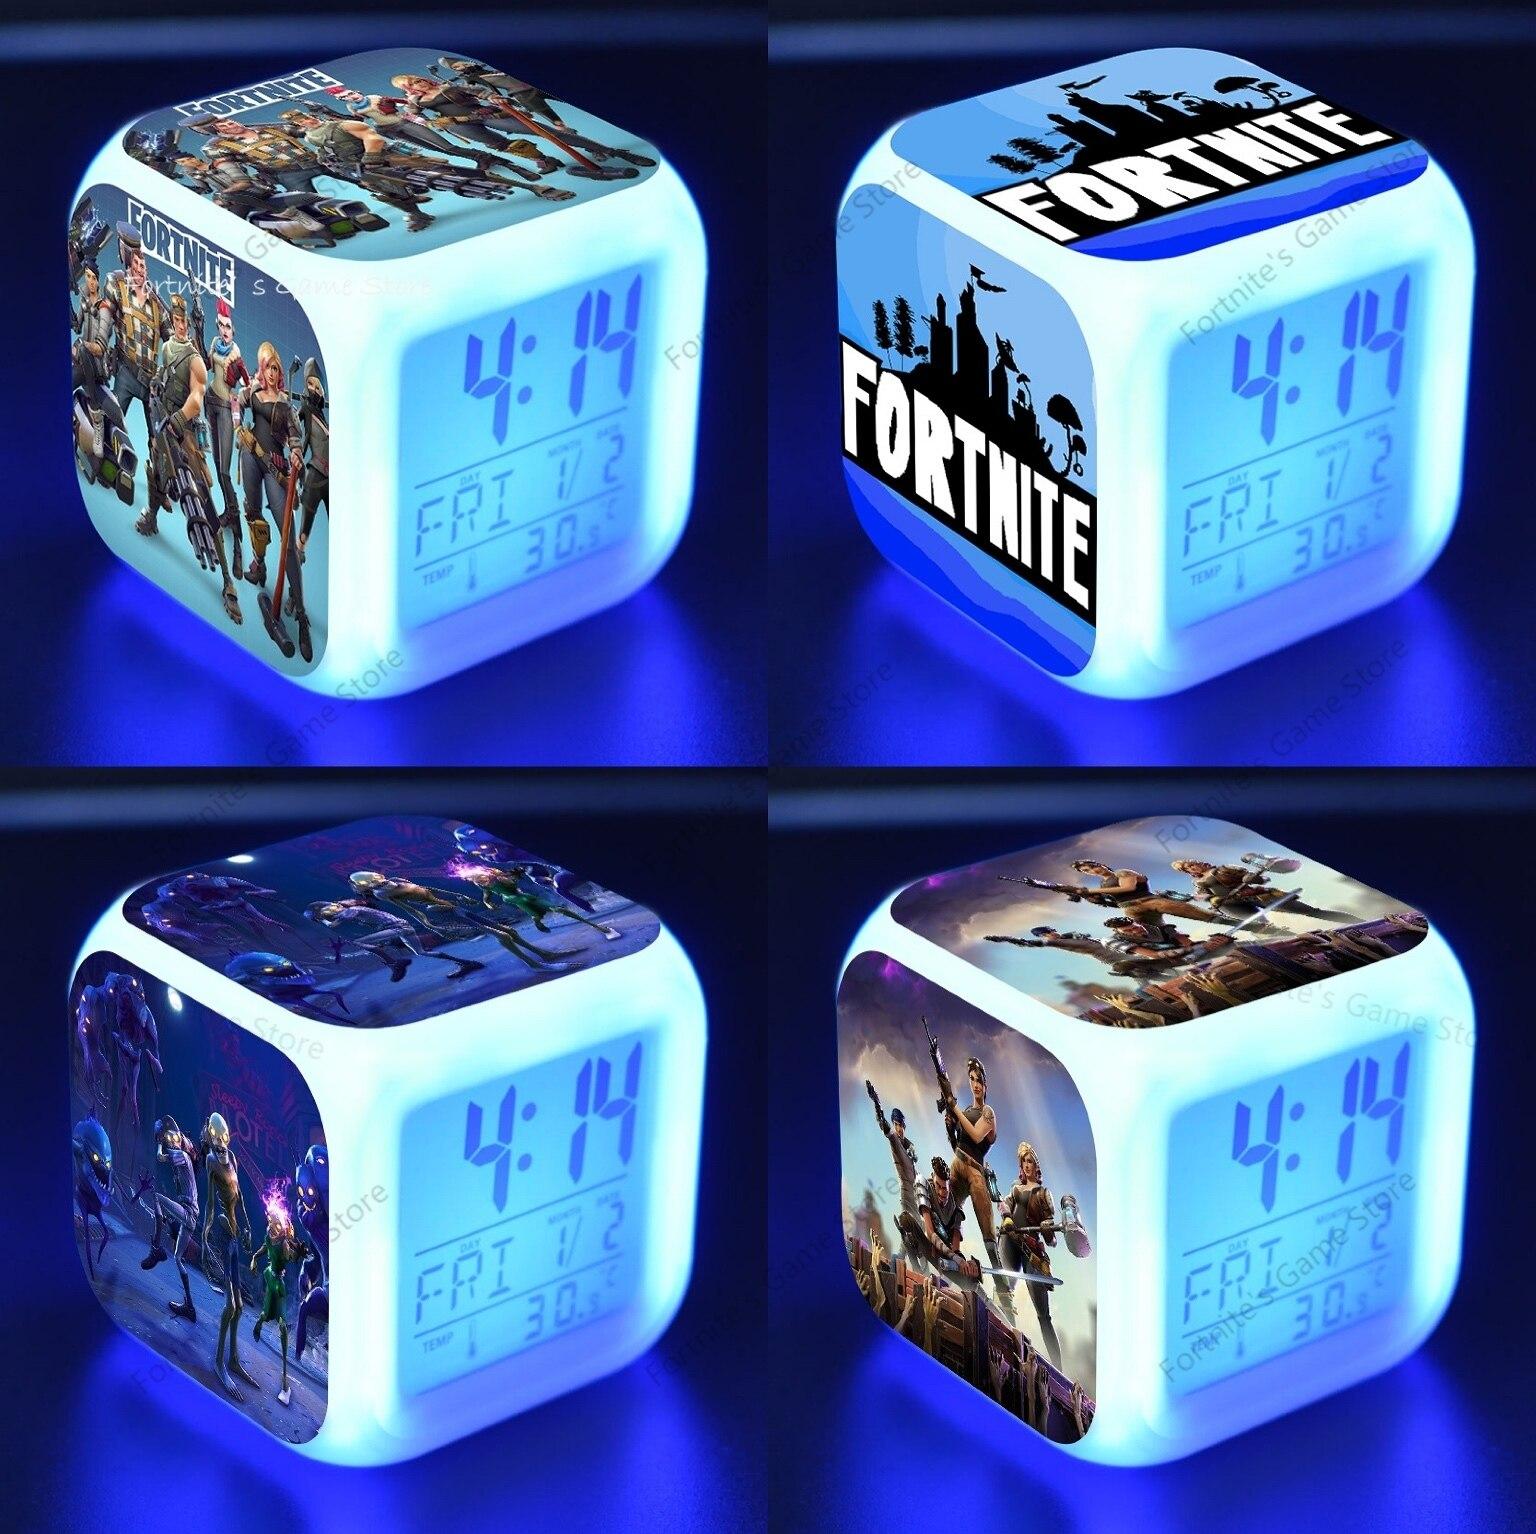 Fortnite Будильник цифровой световой светодиодный часы две недели детская настольная мини-фигурка аниме наклейки на стену домашний декор Гост...